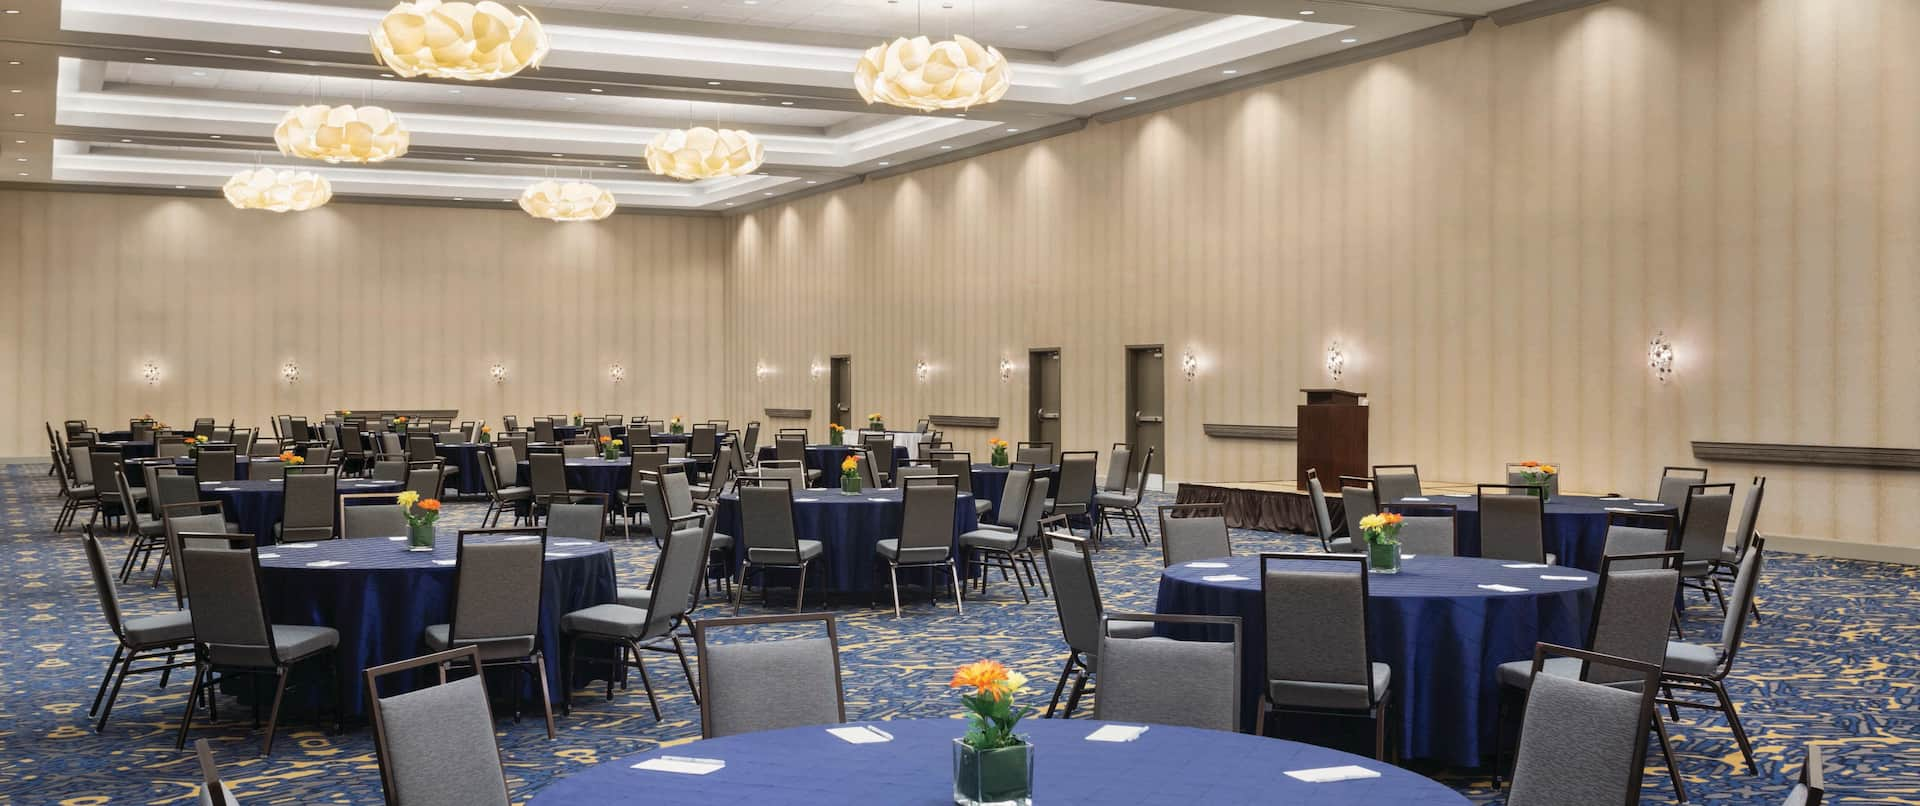 Hamilton Meeting Room Banquet